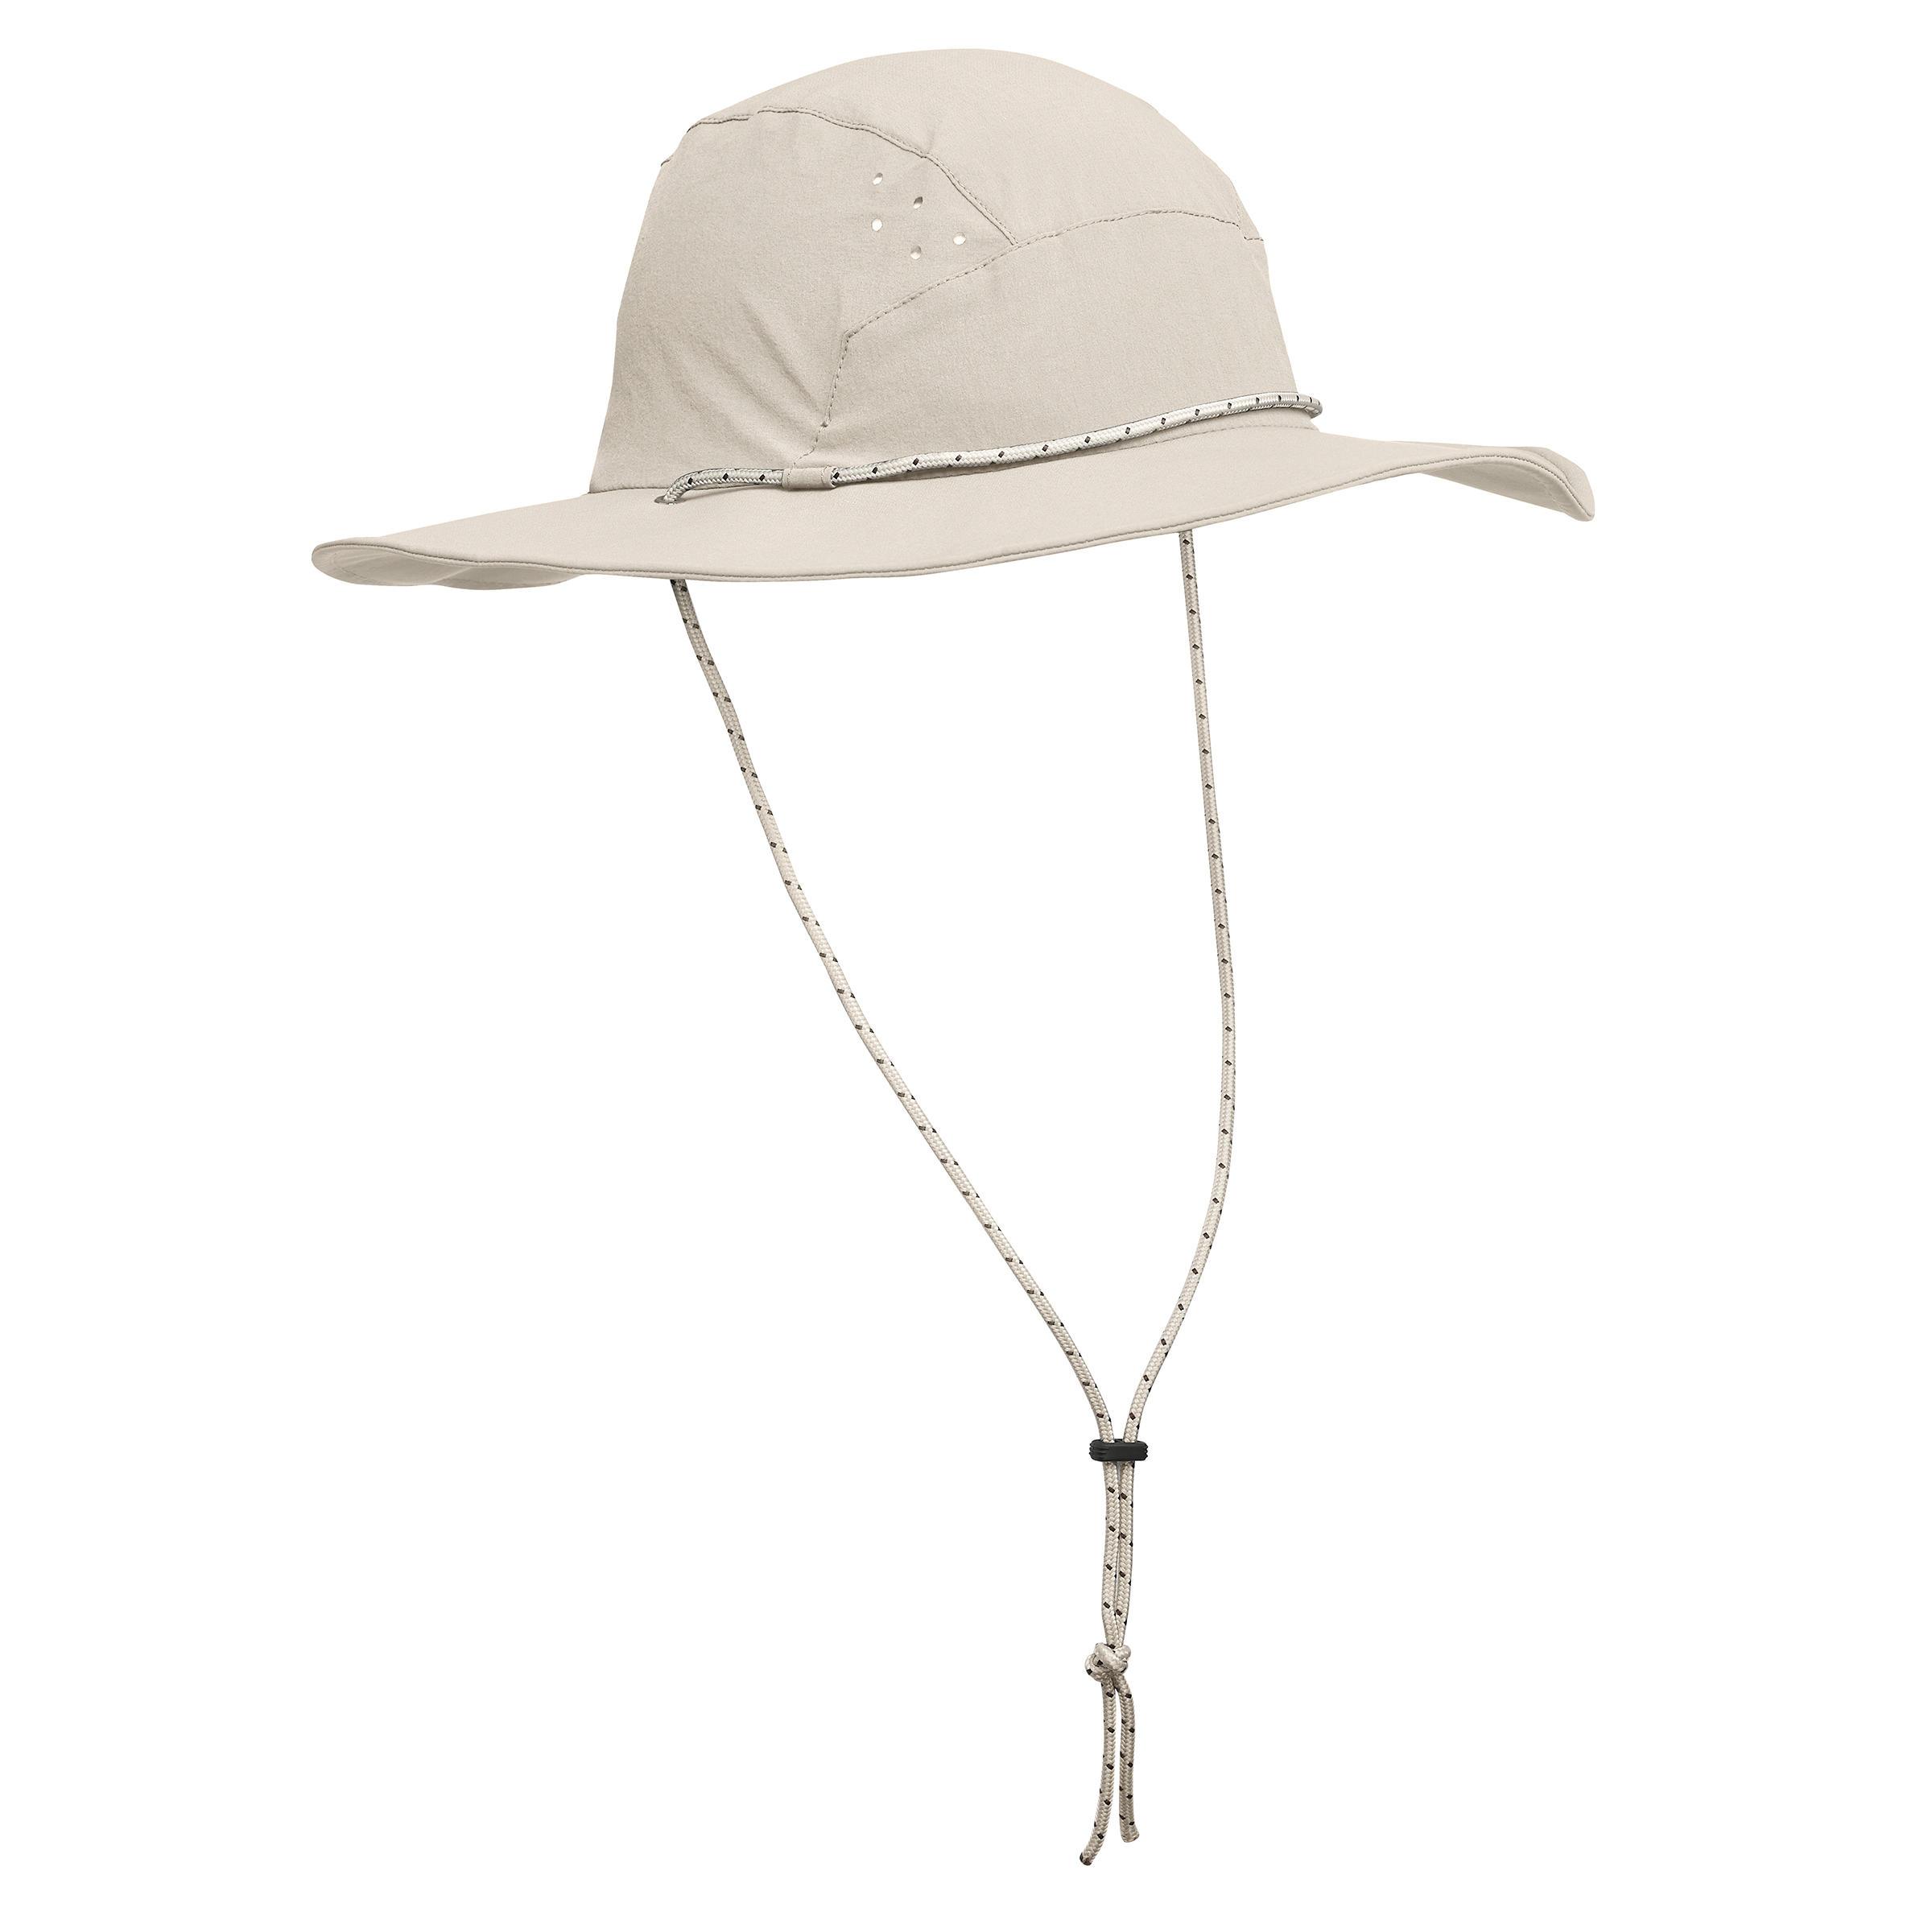 0aaed7d5b9e4d Comprar Sombreros para Deporte